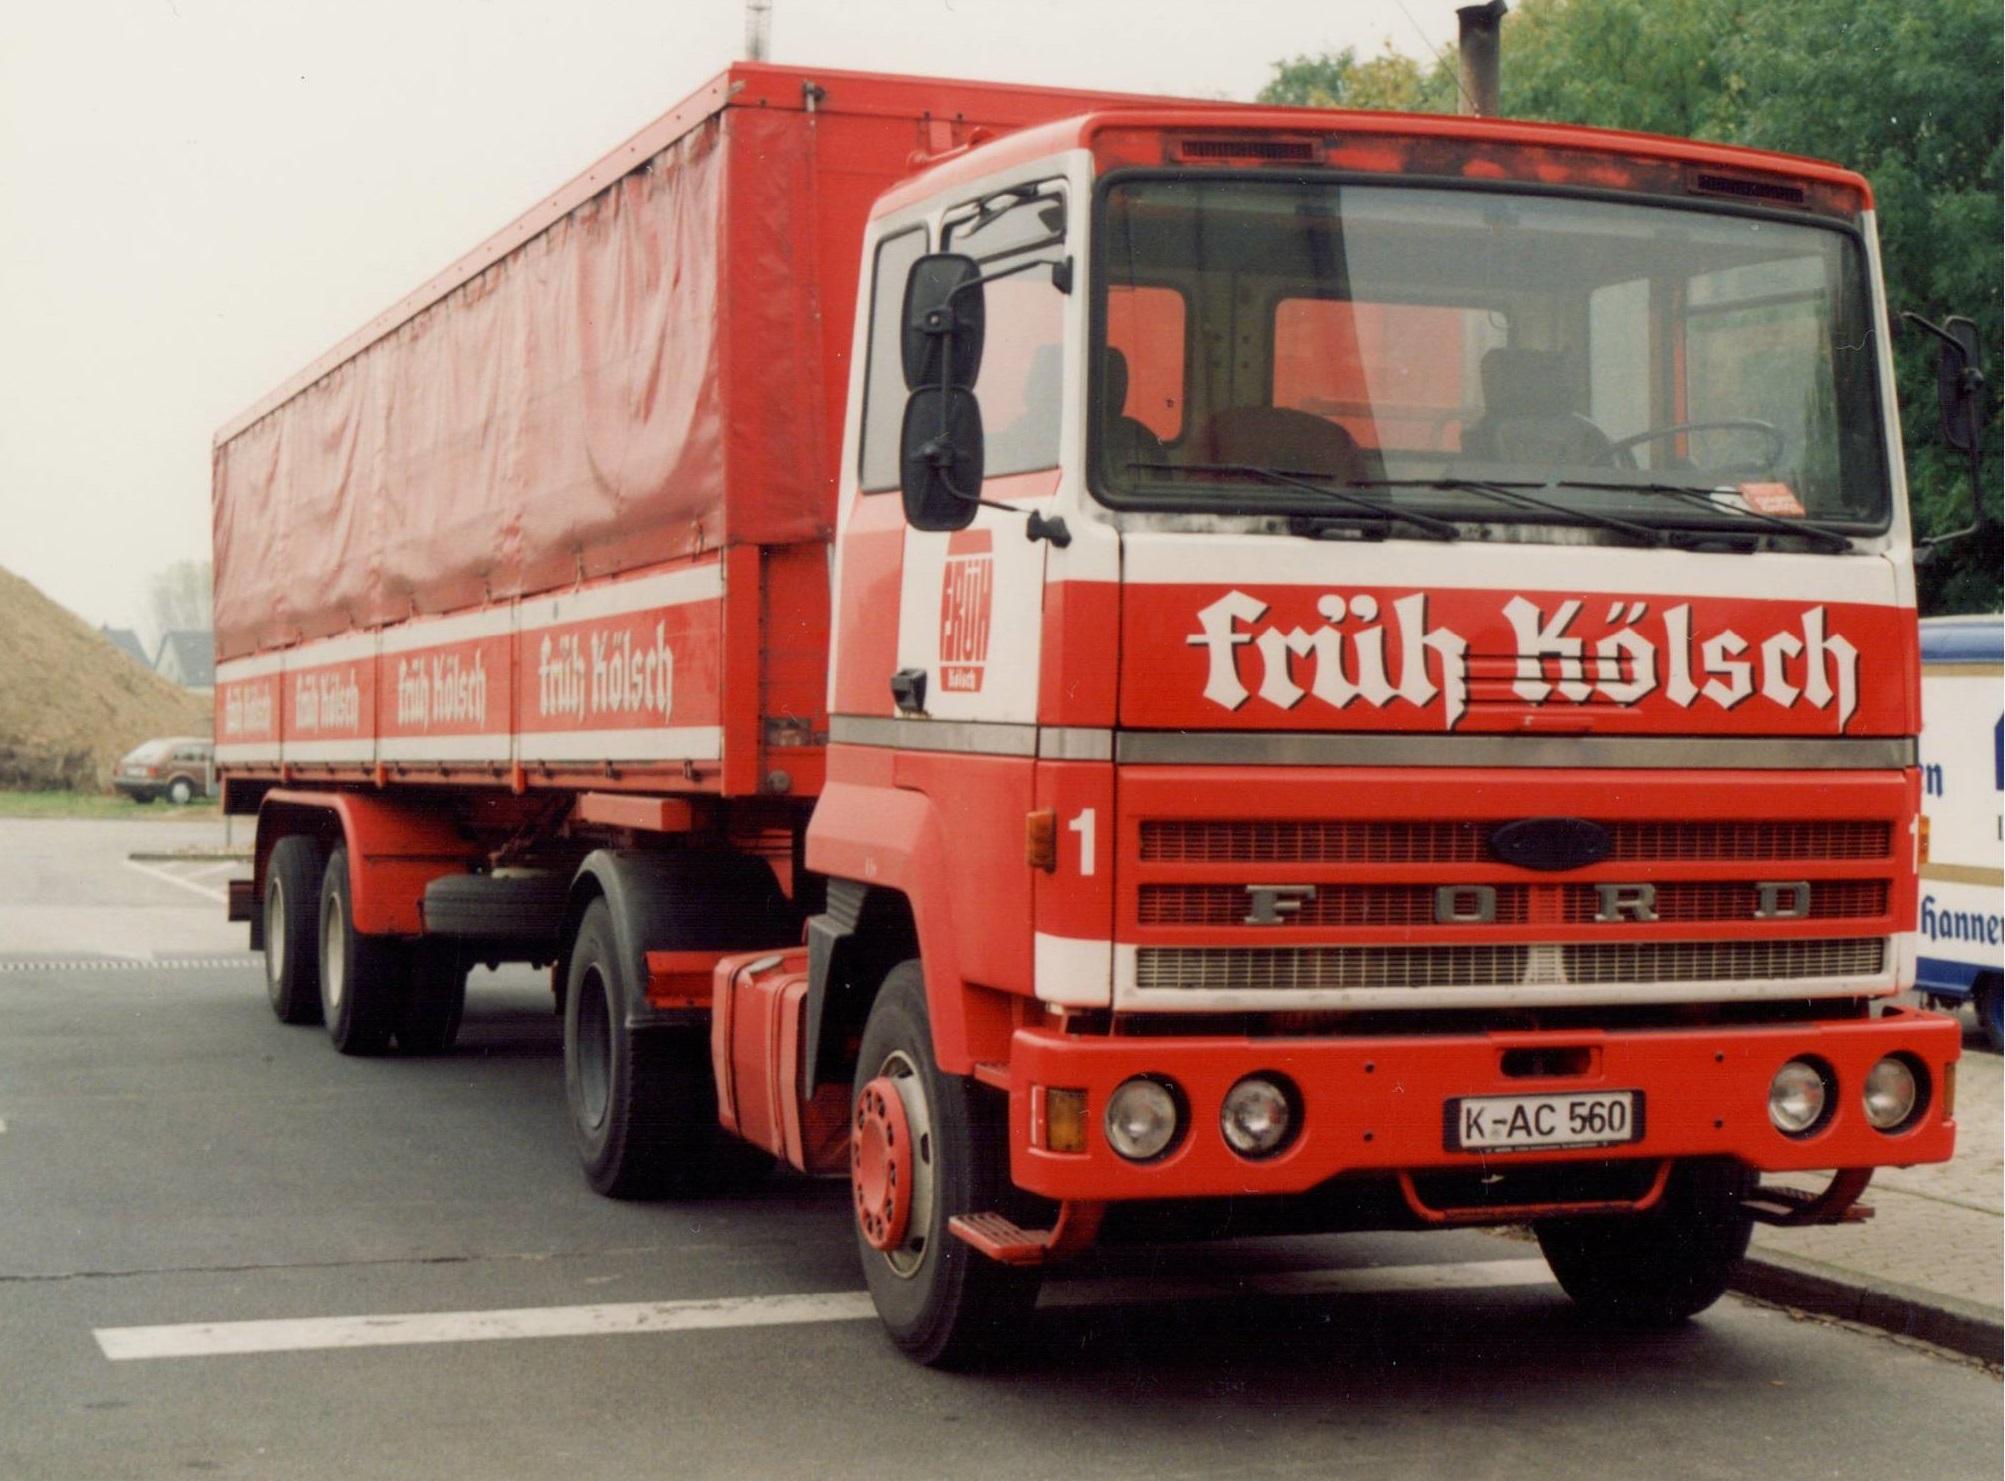 Ford-Kolsch-Bier